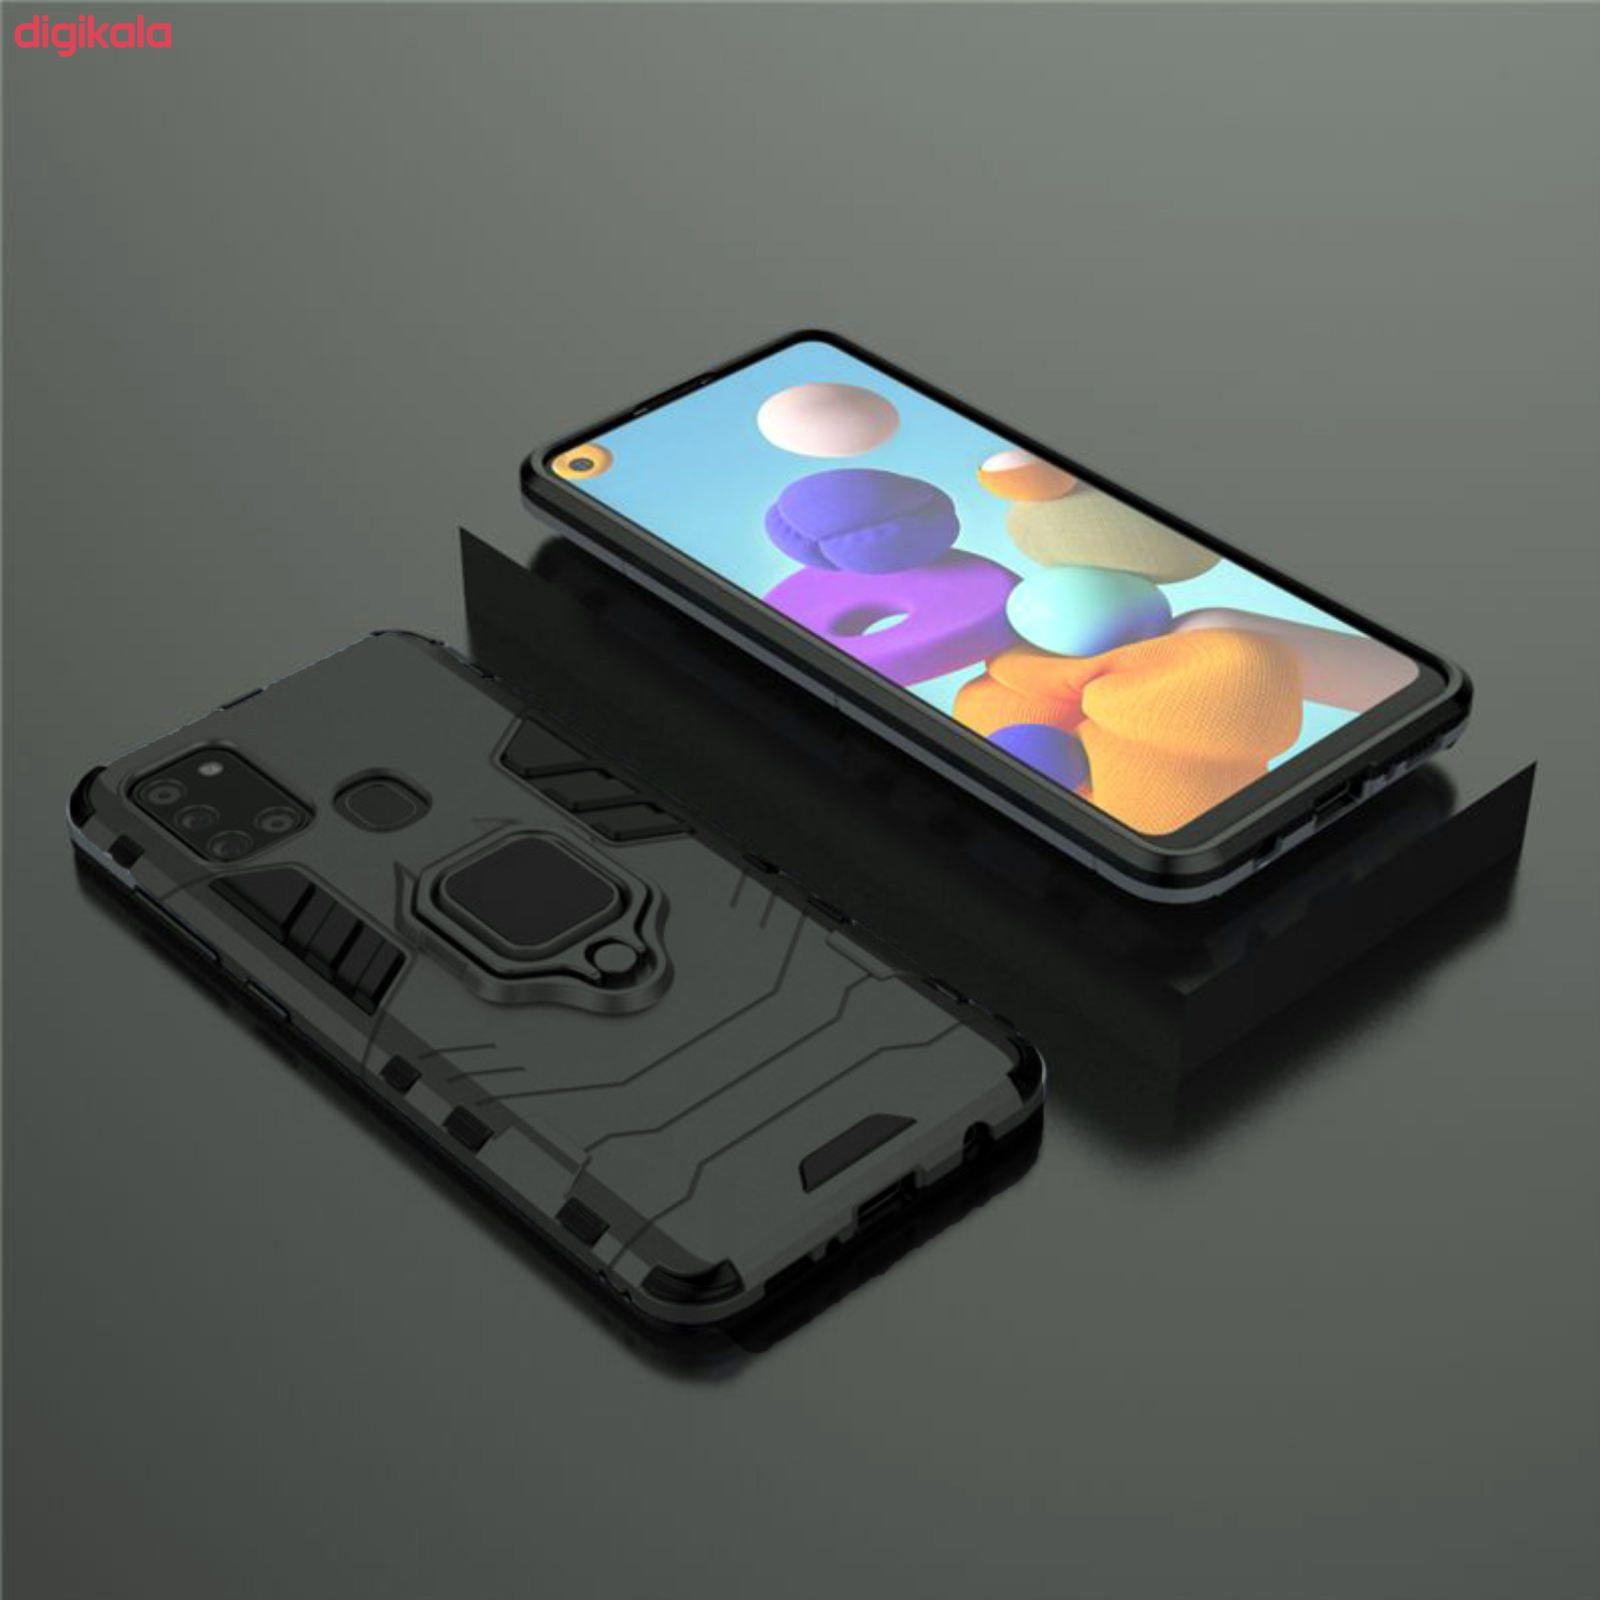 کاور مدل DEF02 مناسب برای گوشی موبایل سامسونگ Galaxy A21s main 1 5